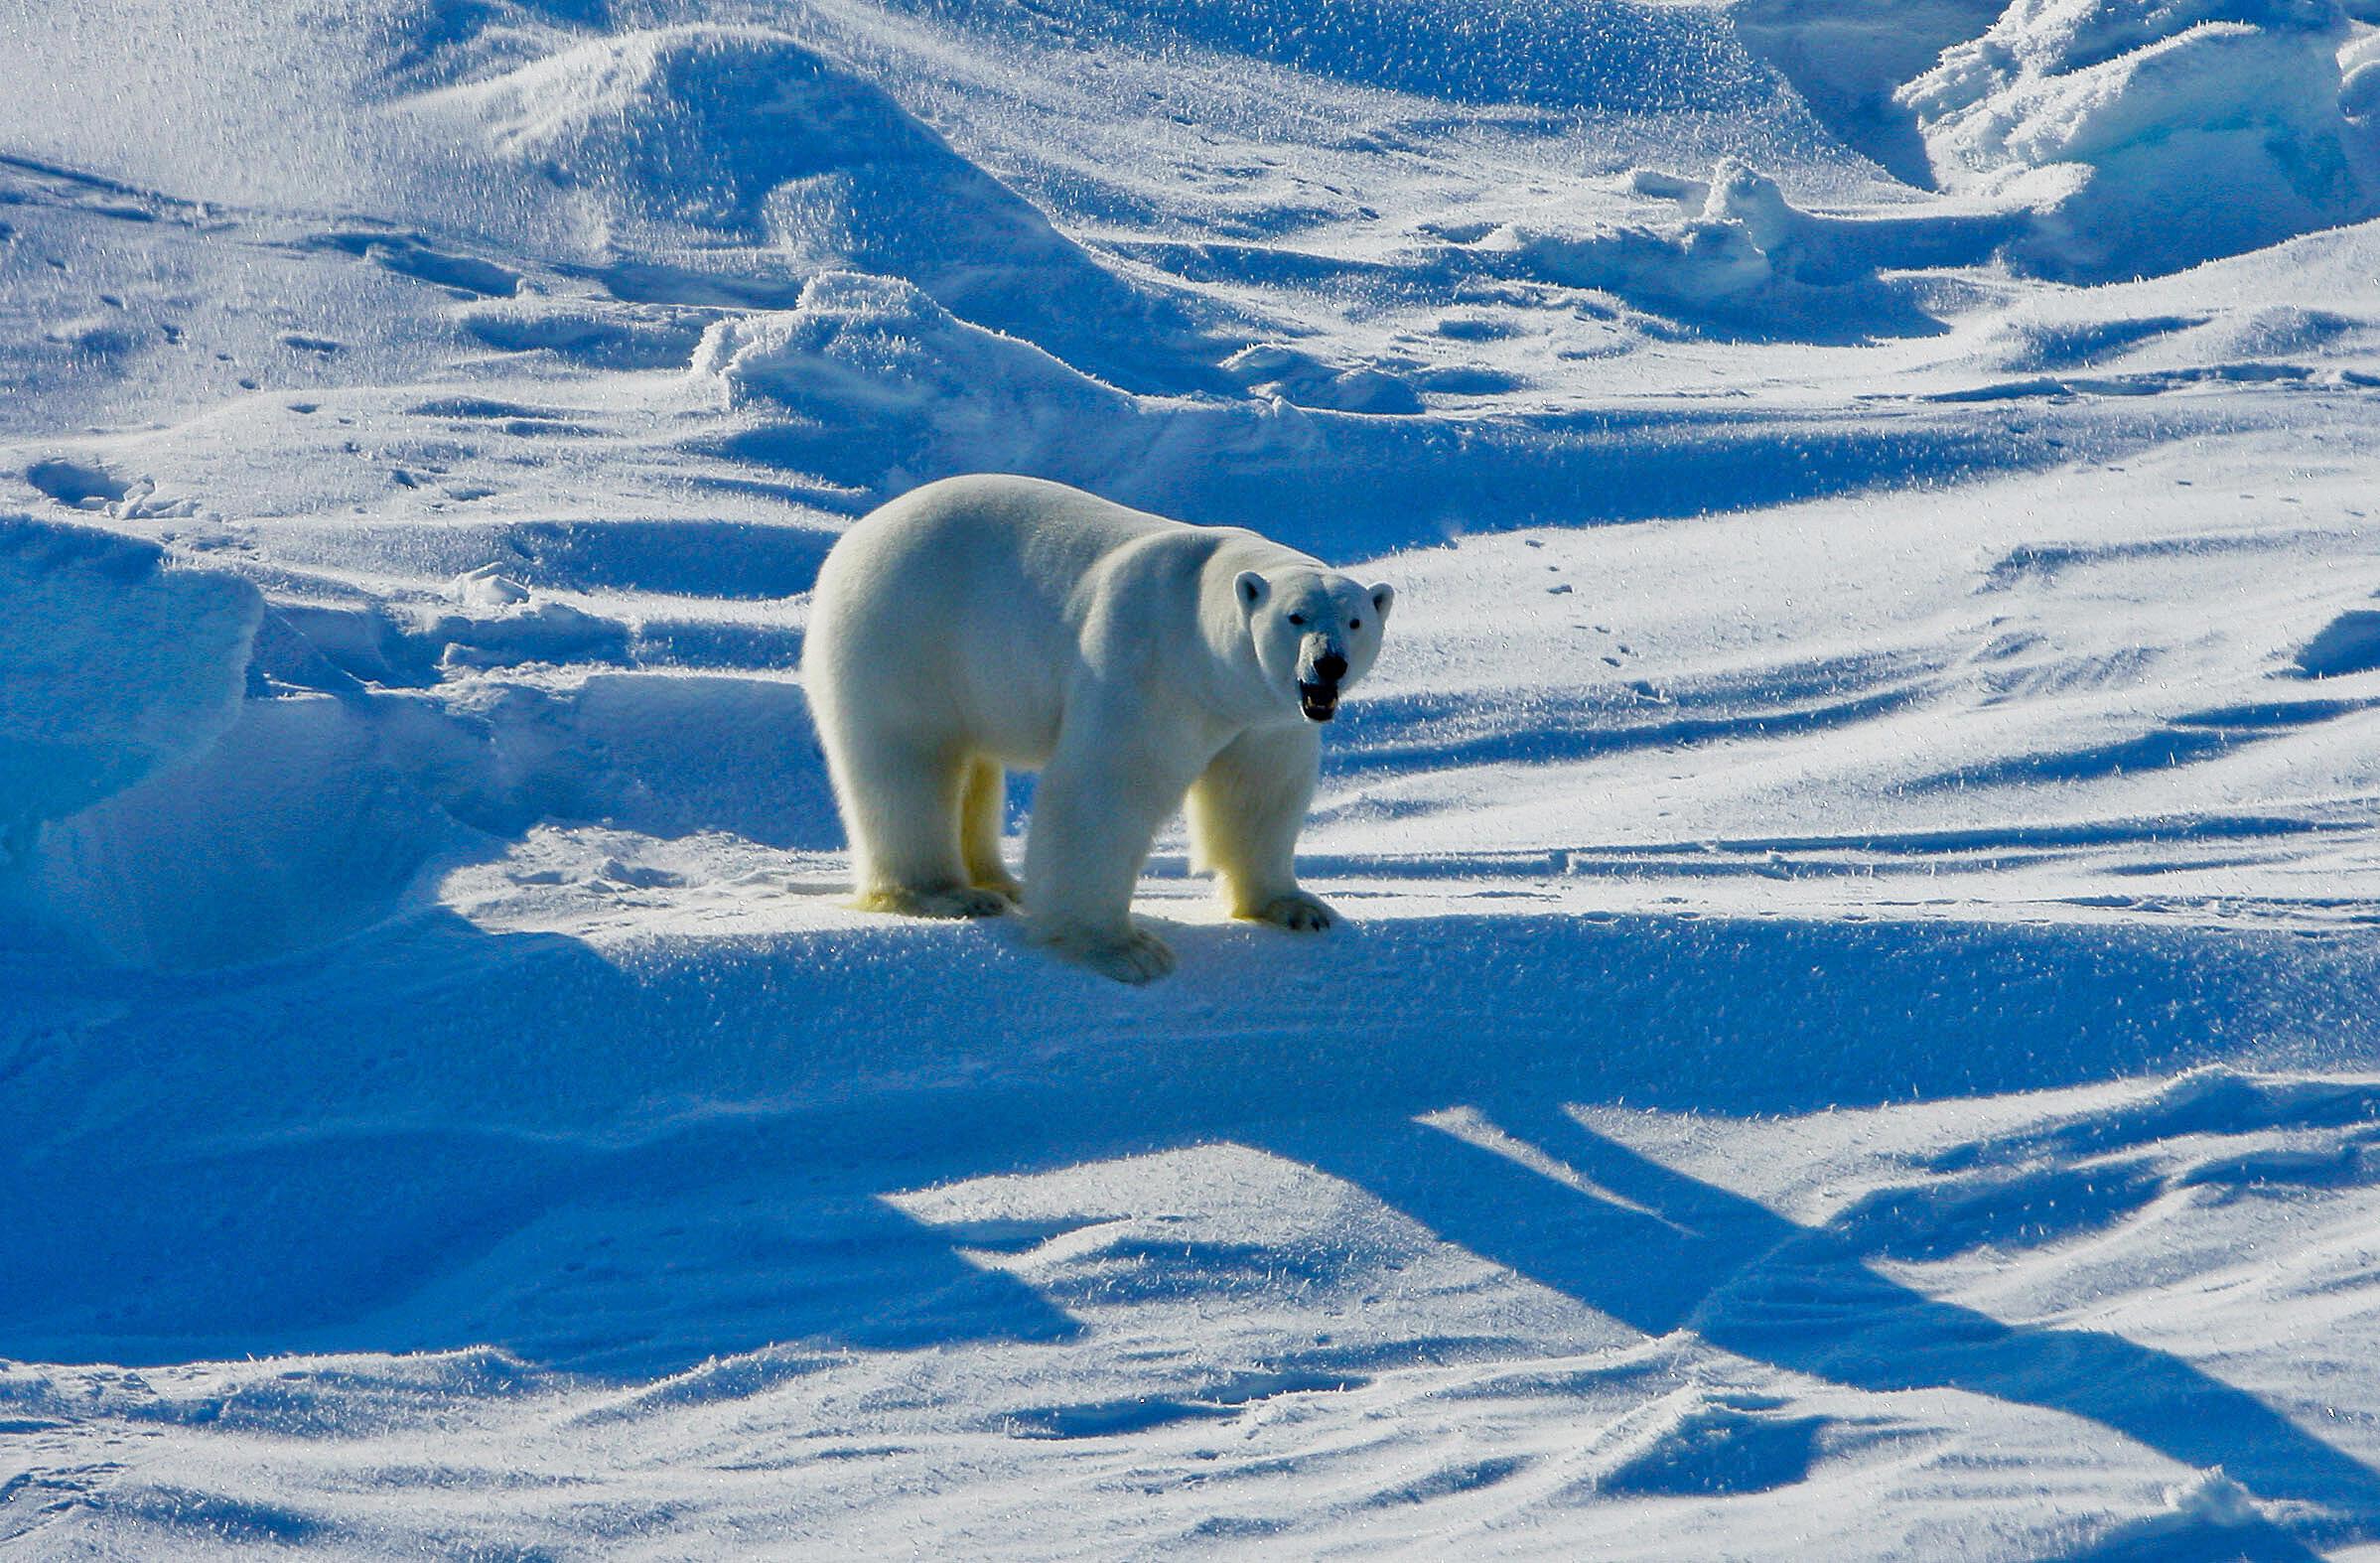 Un ours polaire en Alaska photographié en 2009.